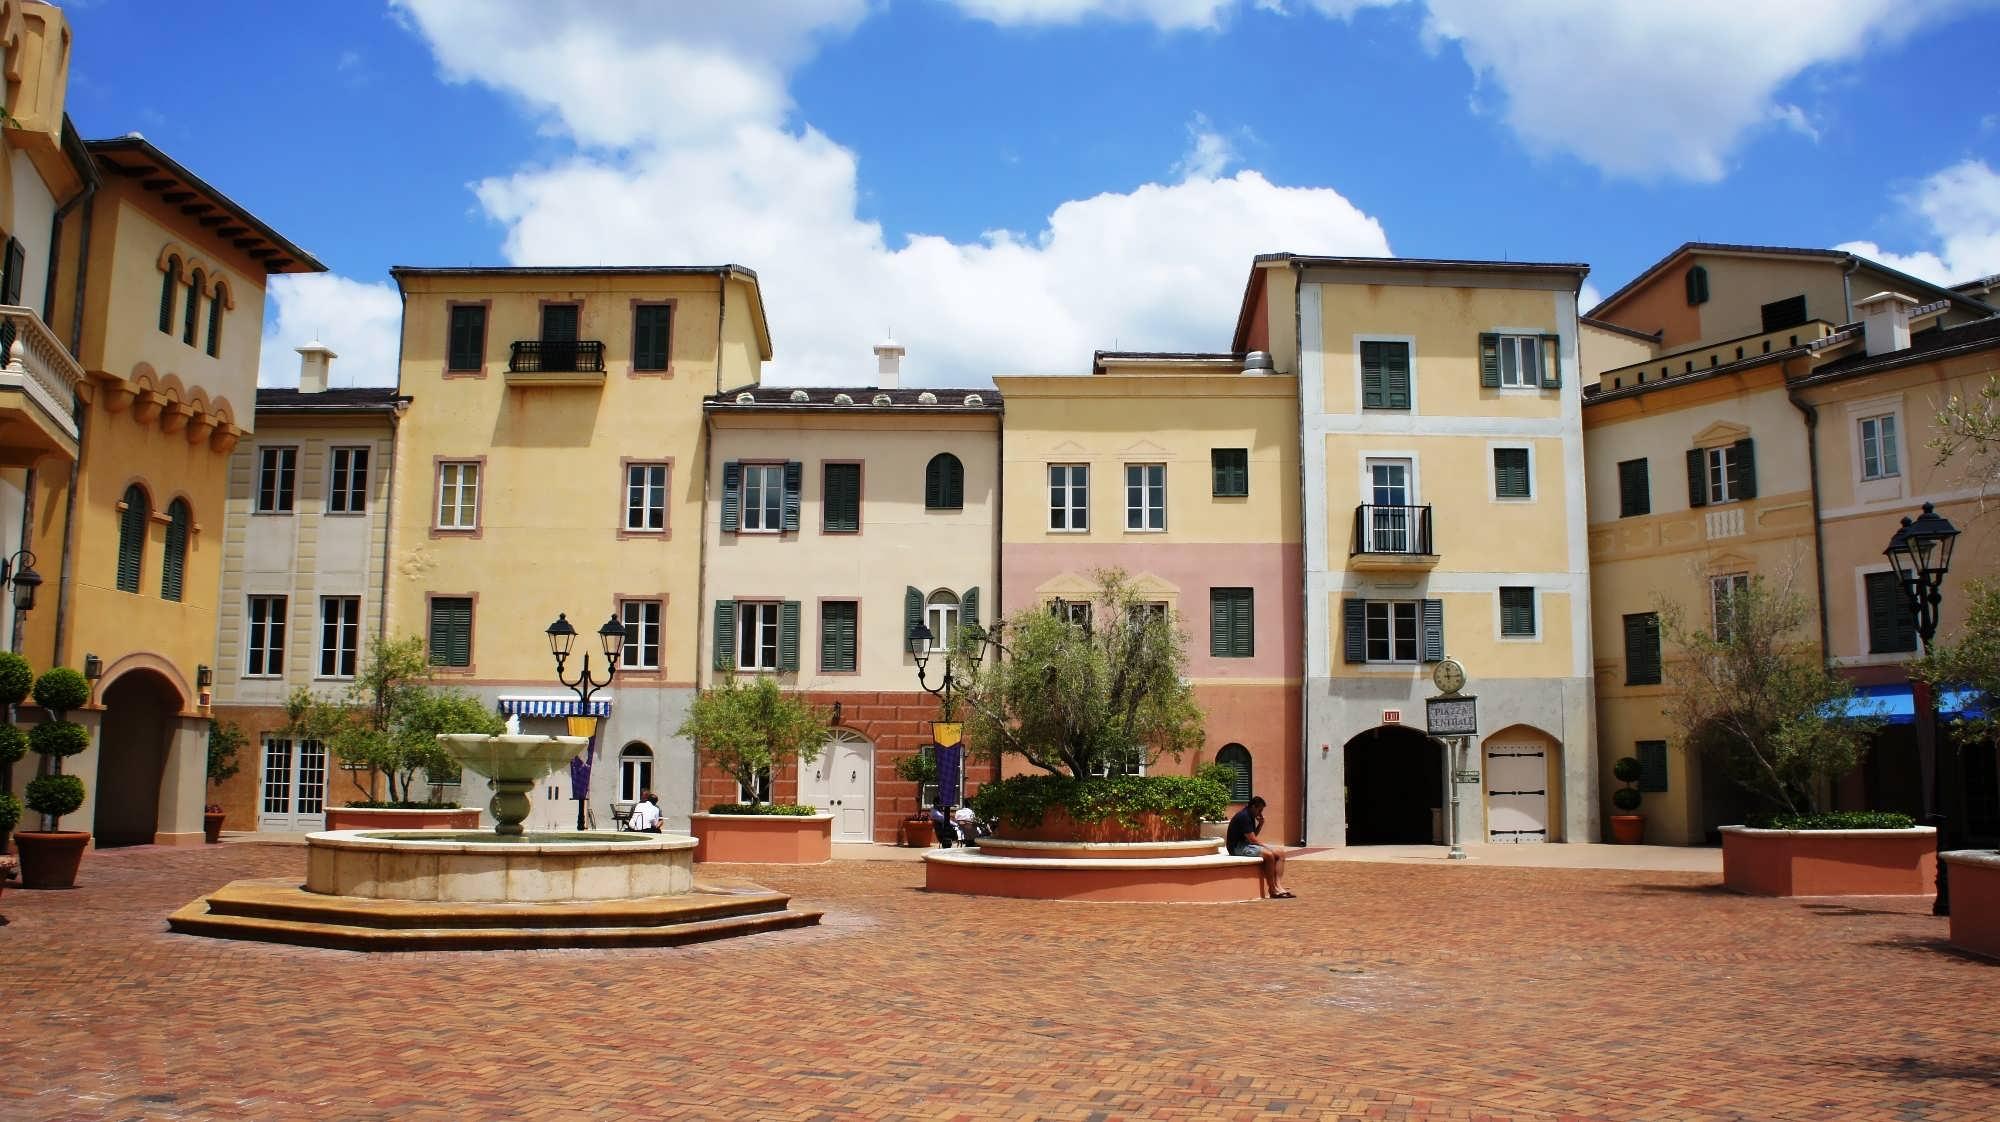 Portofino Bay Hotel Piazza Centrale